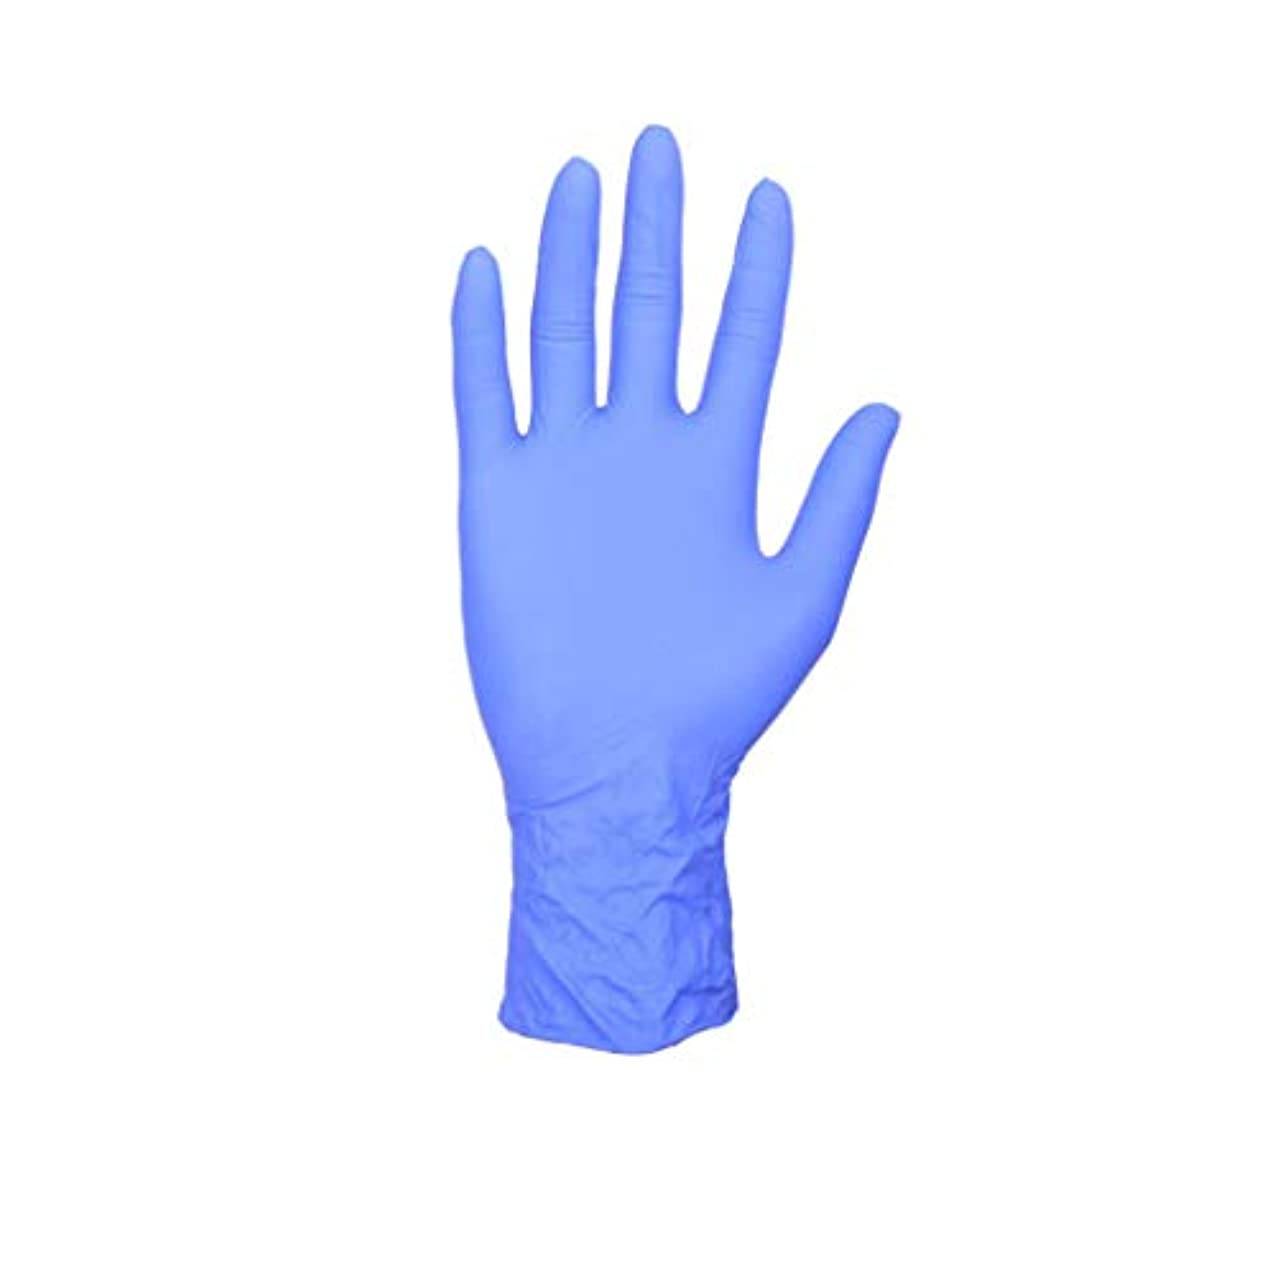 任命するサイトライン繰り返し手袋、使い捨てゴム手袋、検査、丁清手袋、油と静電気防止手袋、ラテックス手袋100ペア。 (サイズ さいず : L l, UnitCount : 100 pairs)